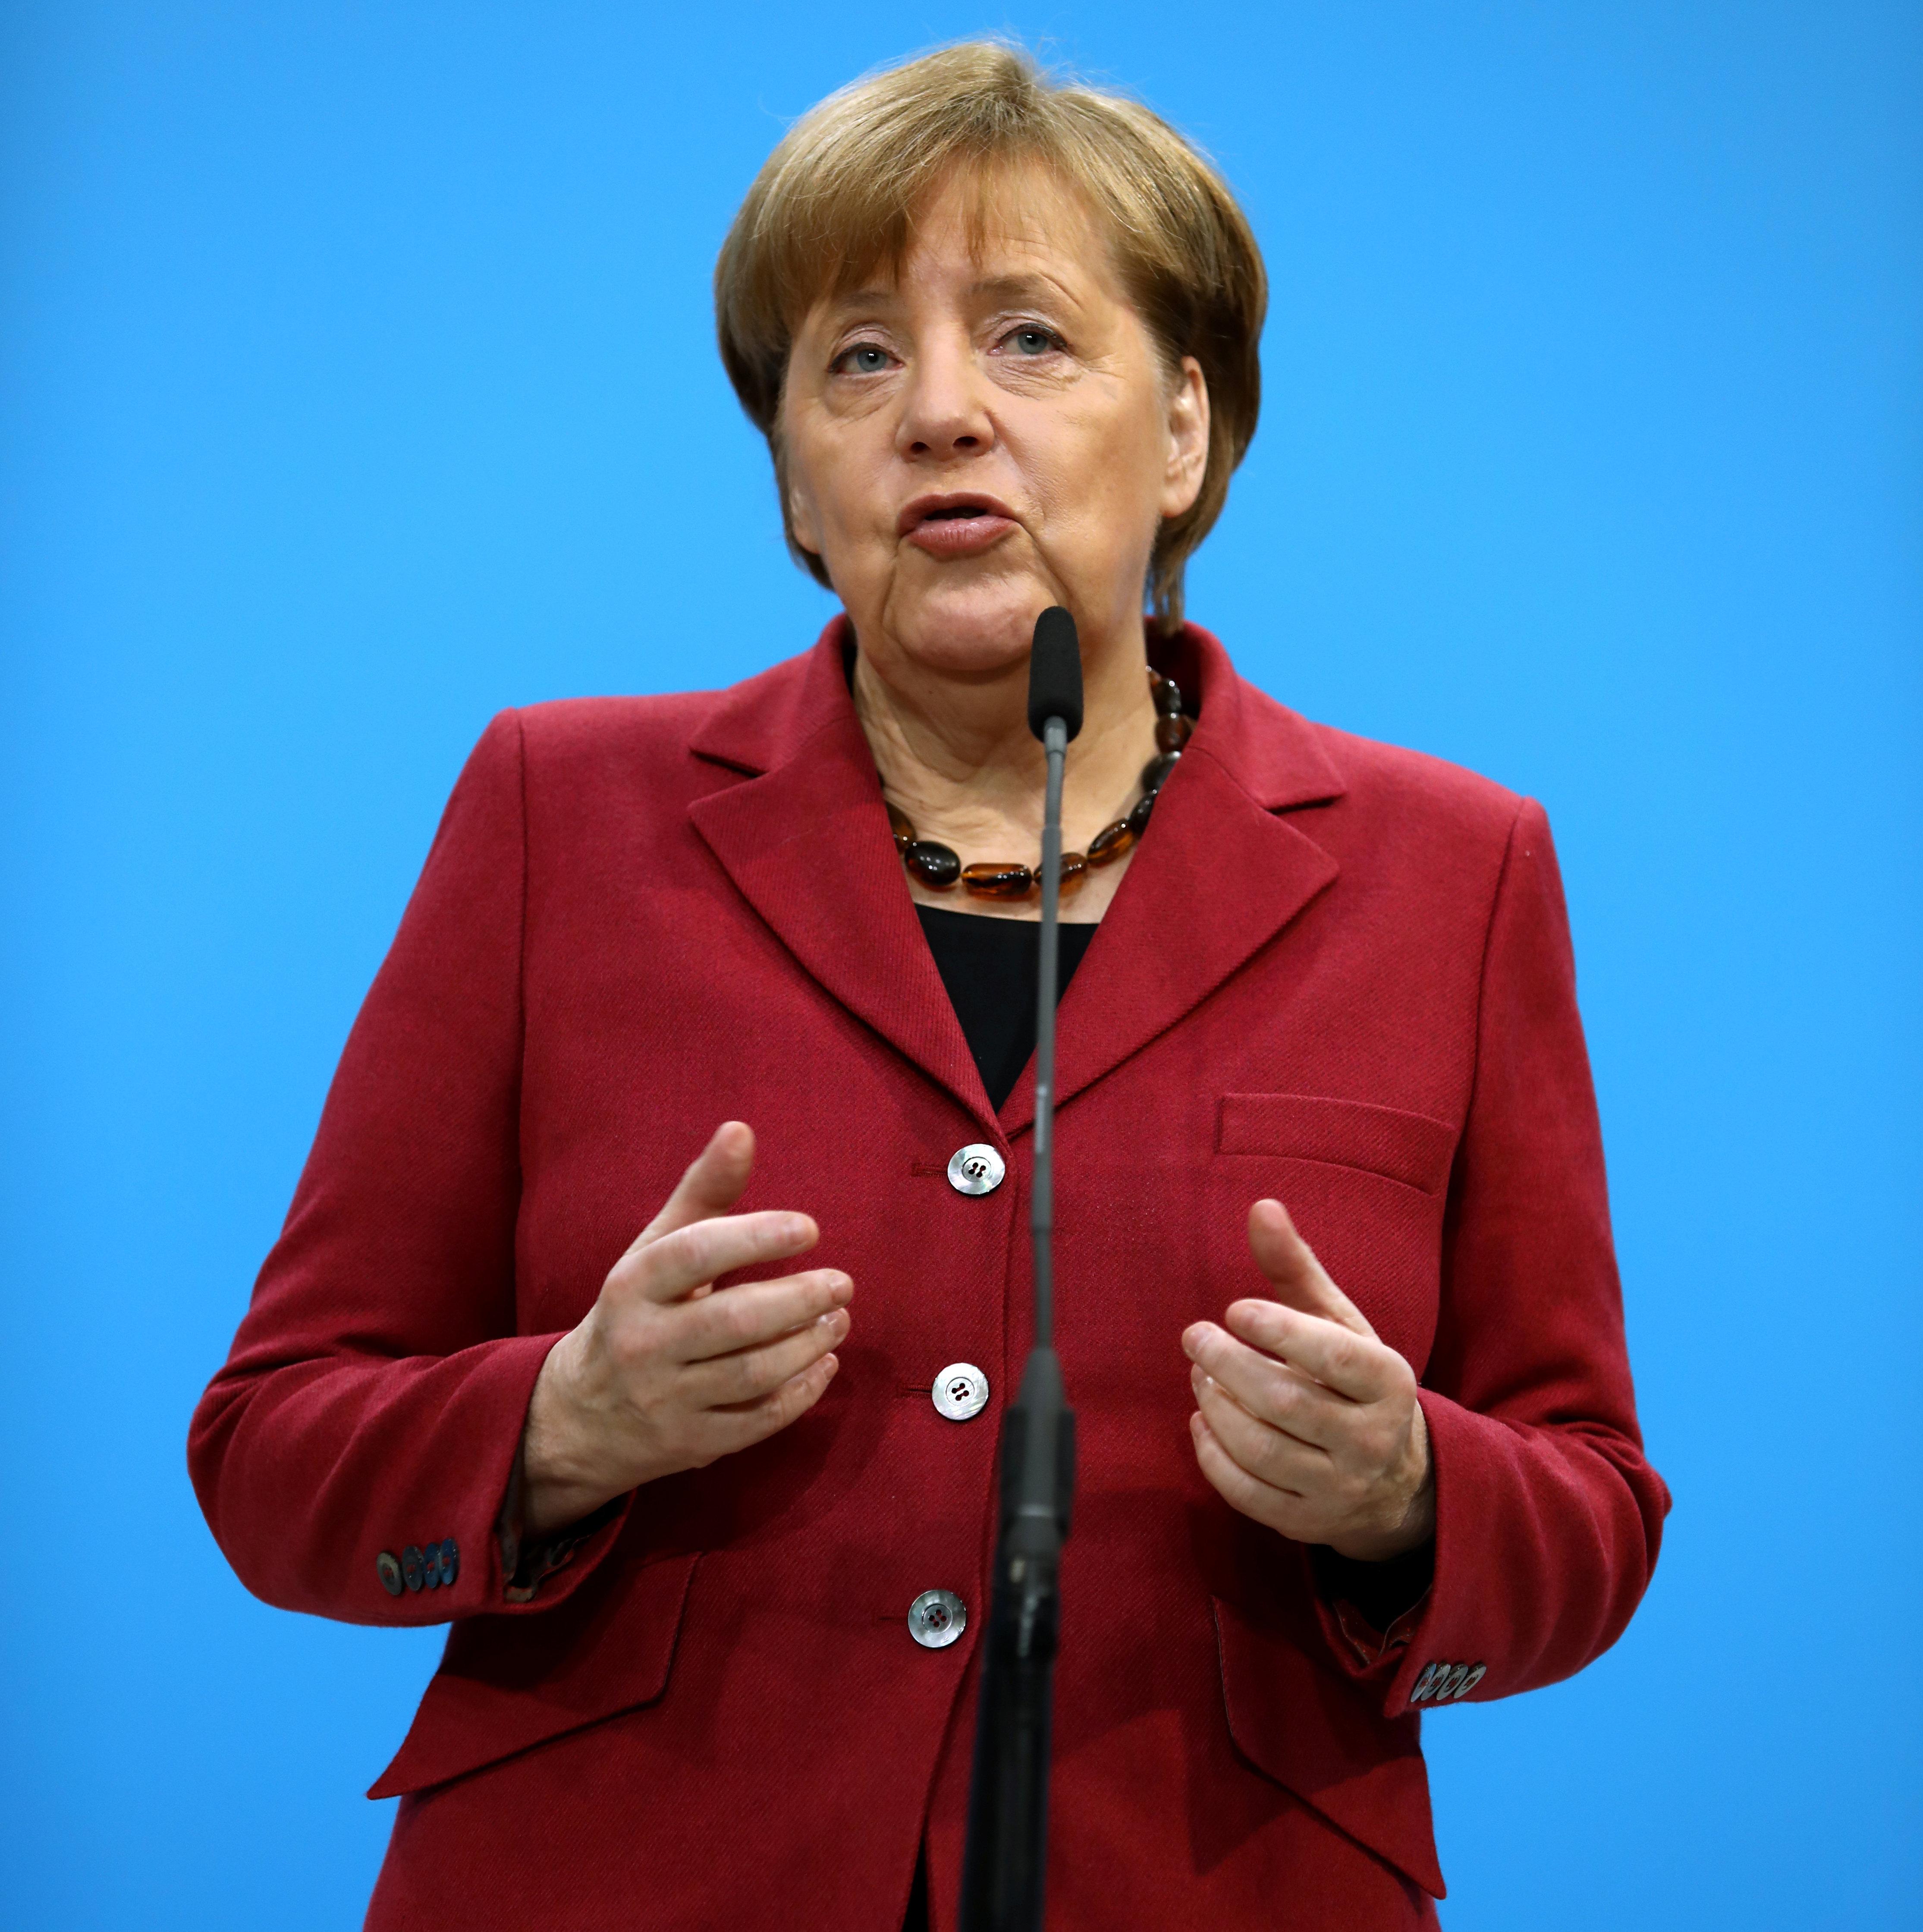 Berliner Historiker erklärt, wie Merkels politisches Ende aussehen könnte